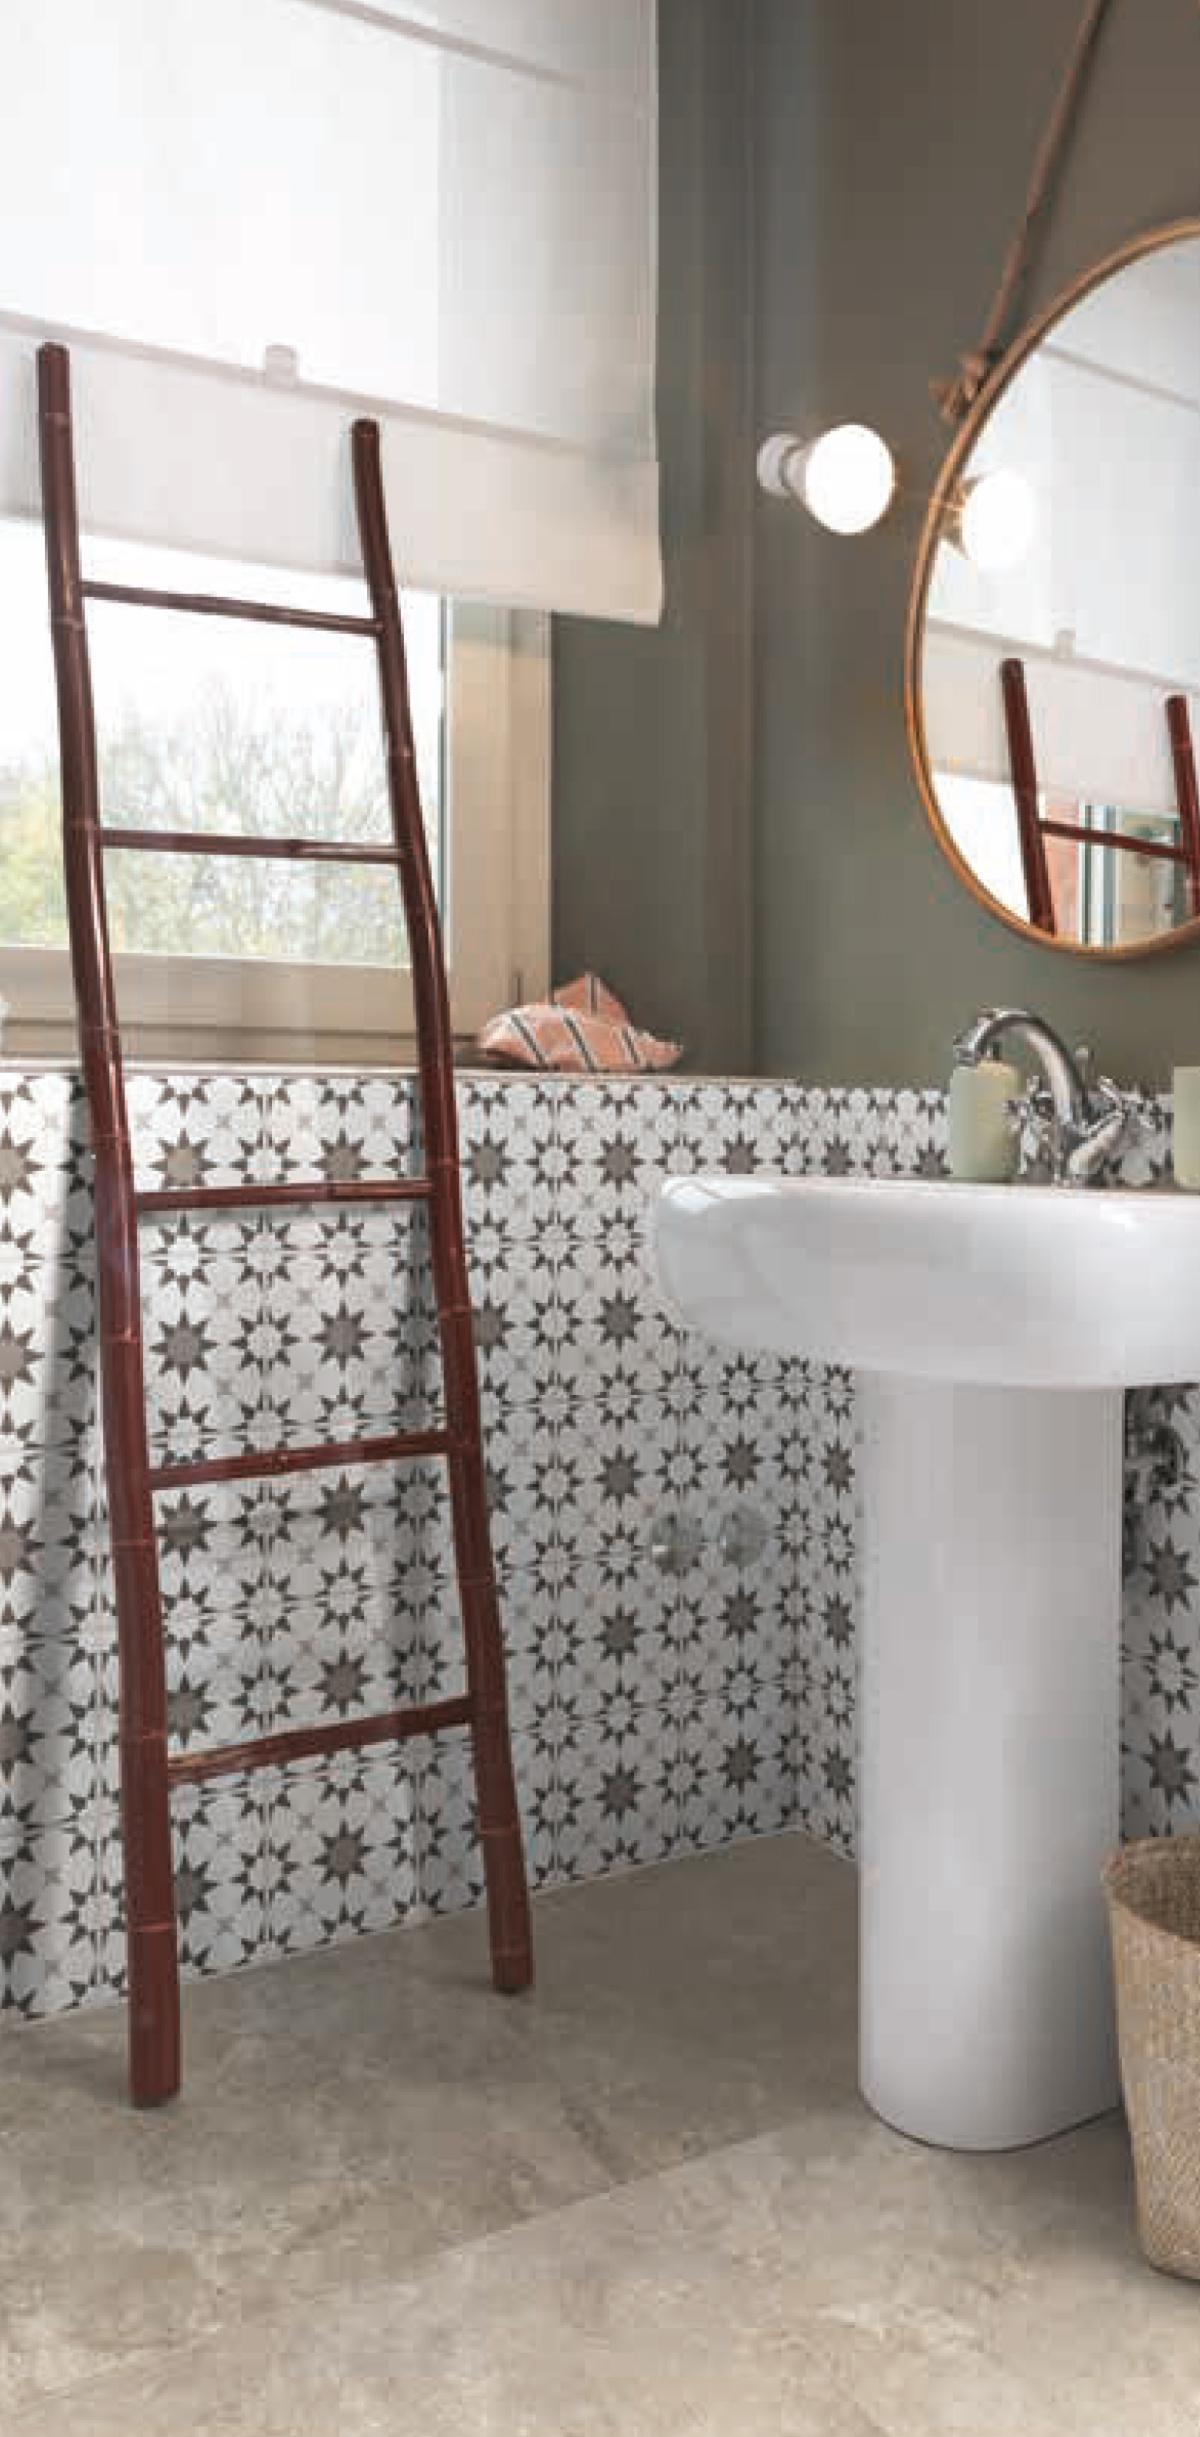 Carrelage salle de bain à Auch, que choisir pour les murs?